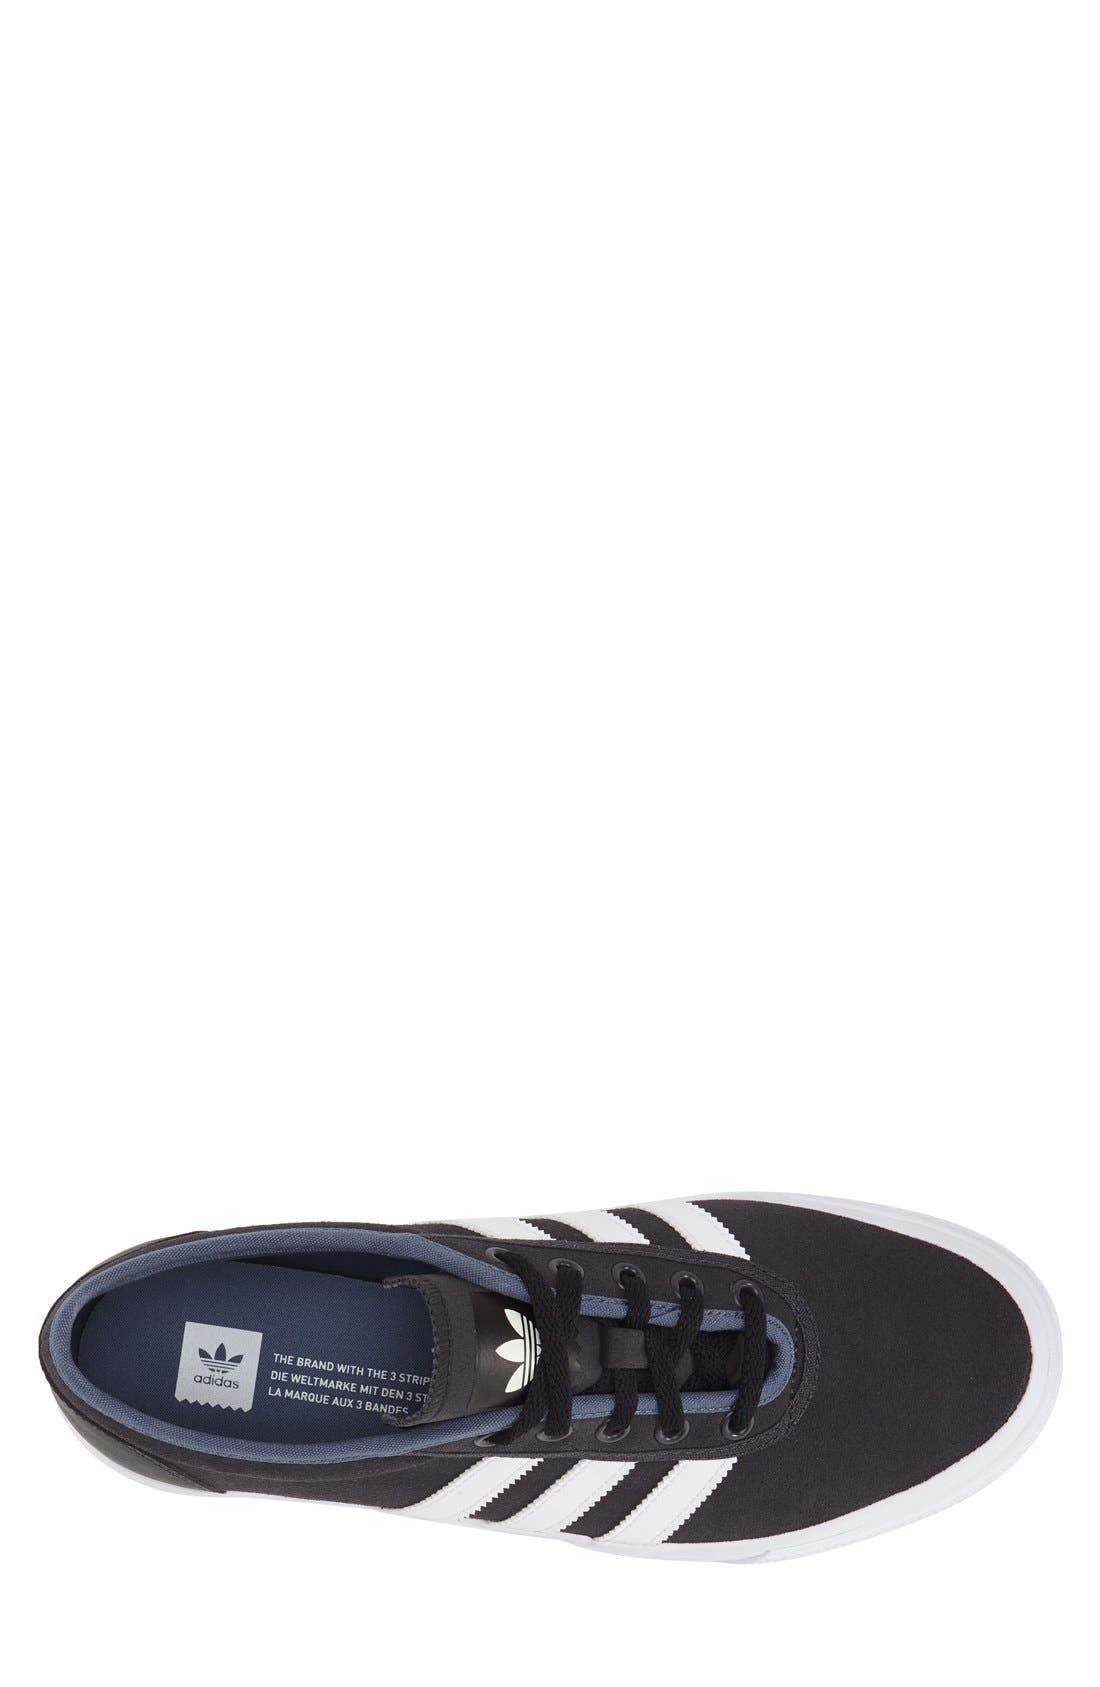 'Adi-Ease' Skate Sneaker,                             Alternate thumbnail 3, color,                             021